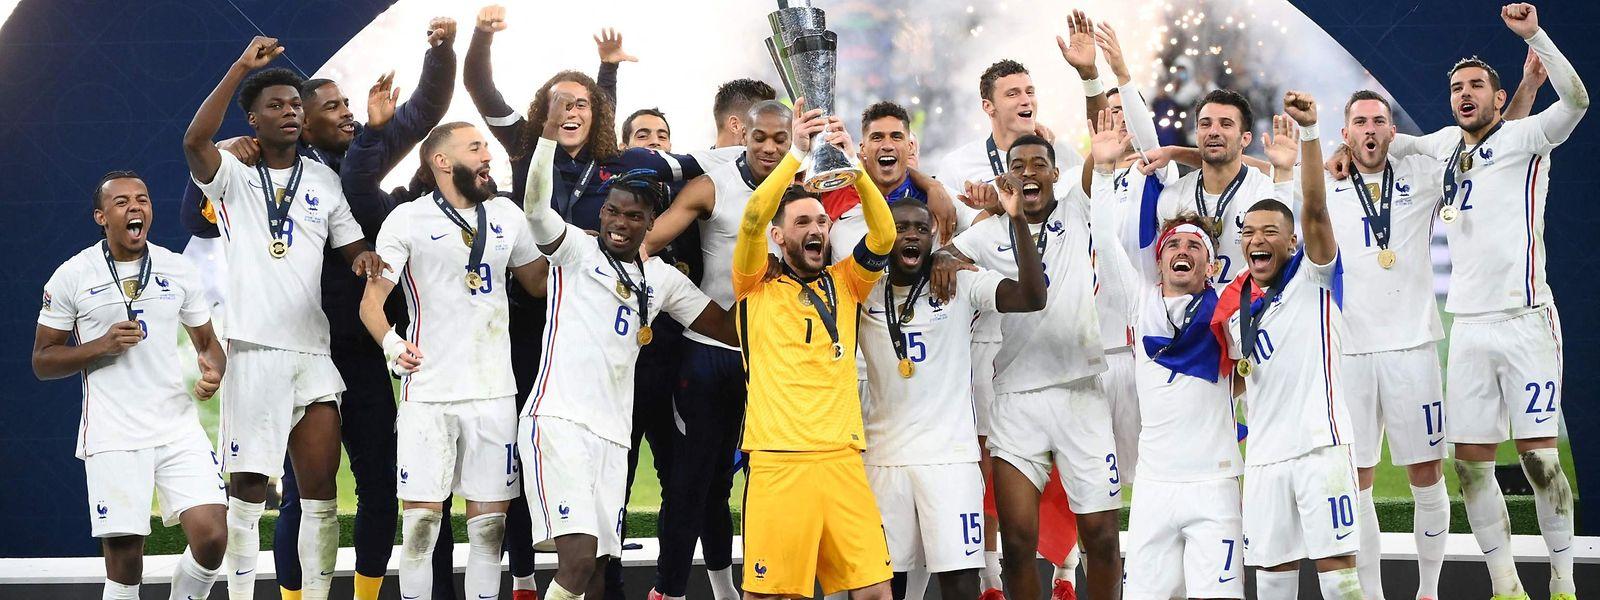 Trois ans après son titre de champion du monde, l'équipe de France retrouve l'ivresse de la victoire.